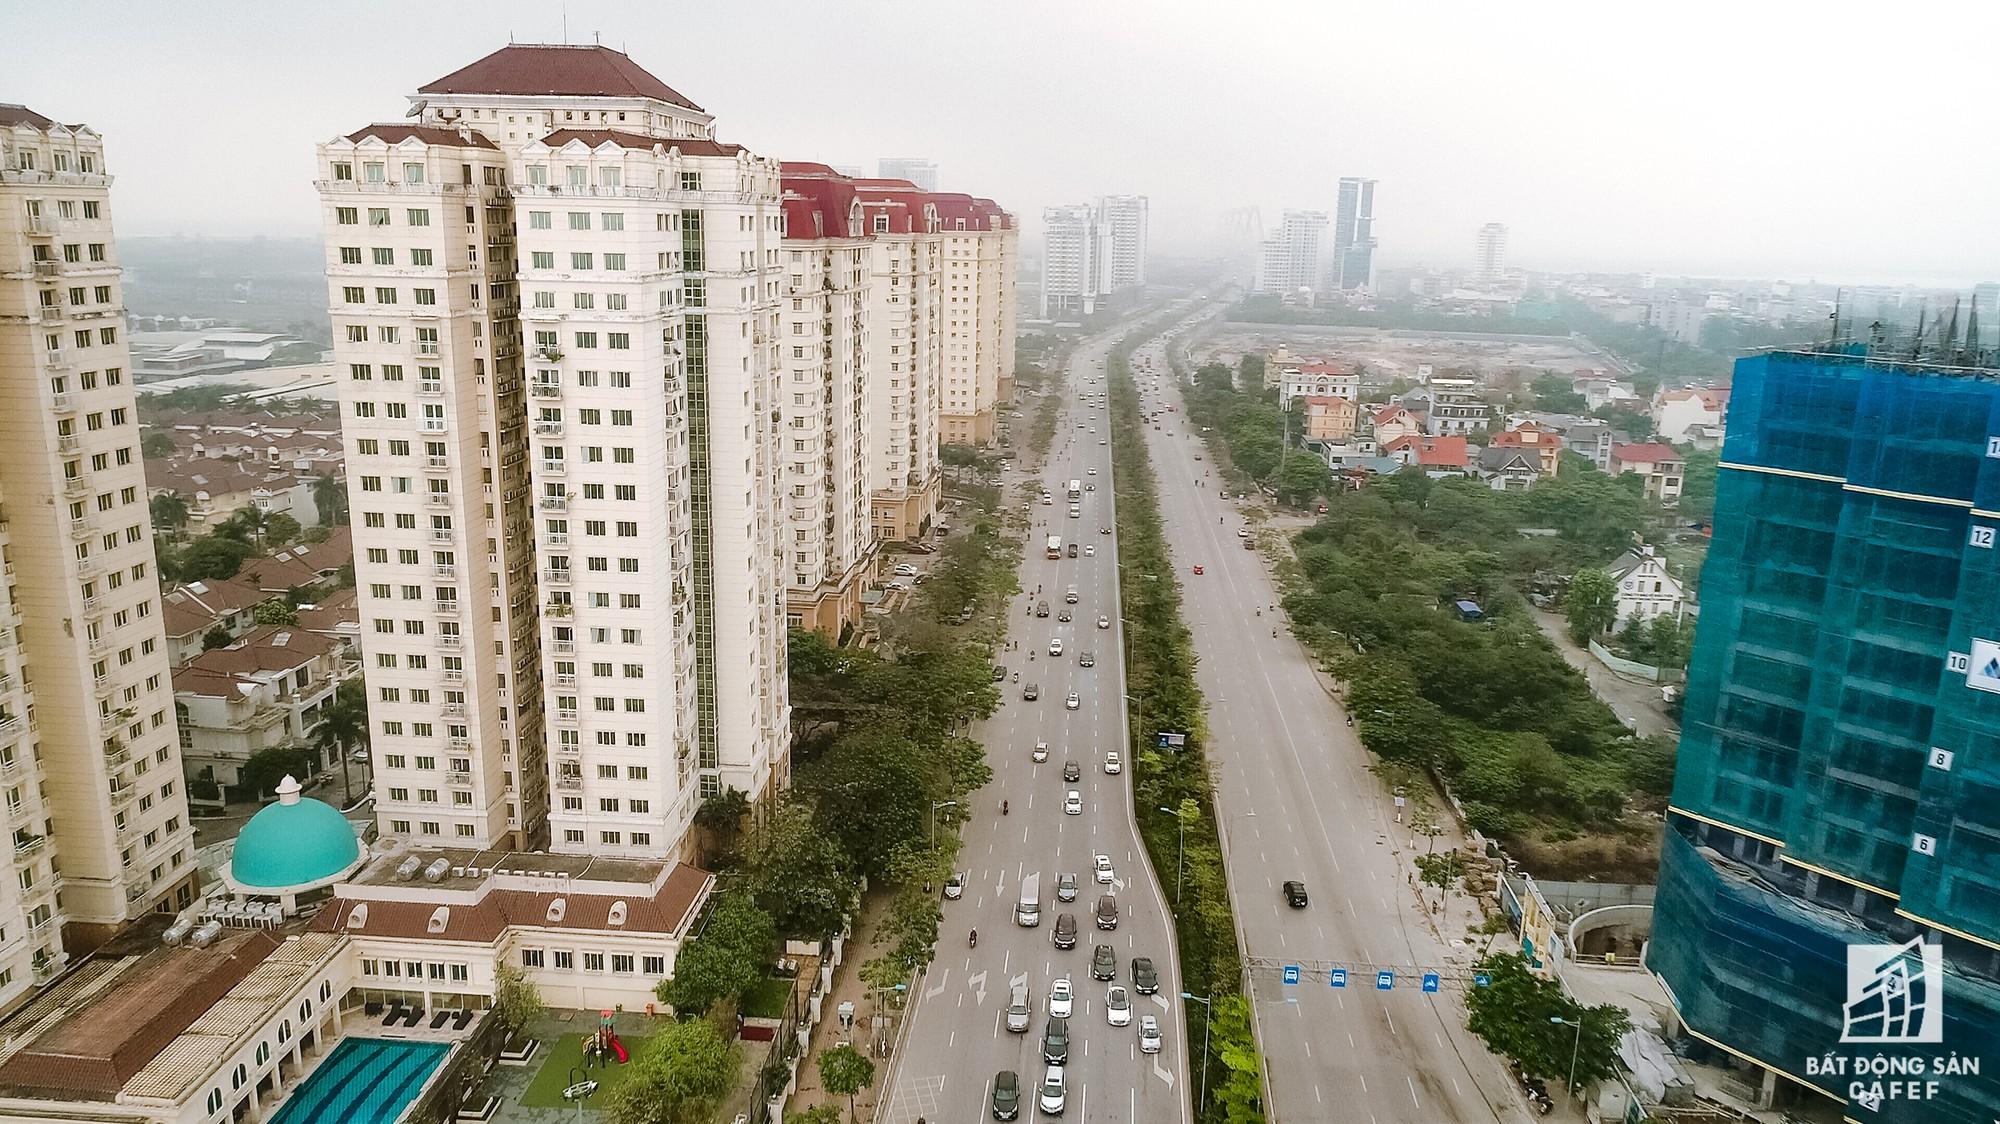 Cận cảnh hàng loạt dự án cao ốc dọc trục đường 8 làn xe tại trung tâm Hà Nội - Ảnh 15.